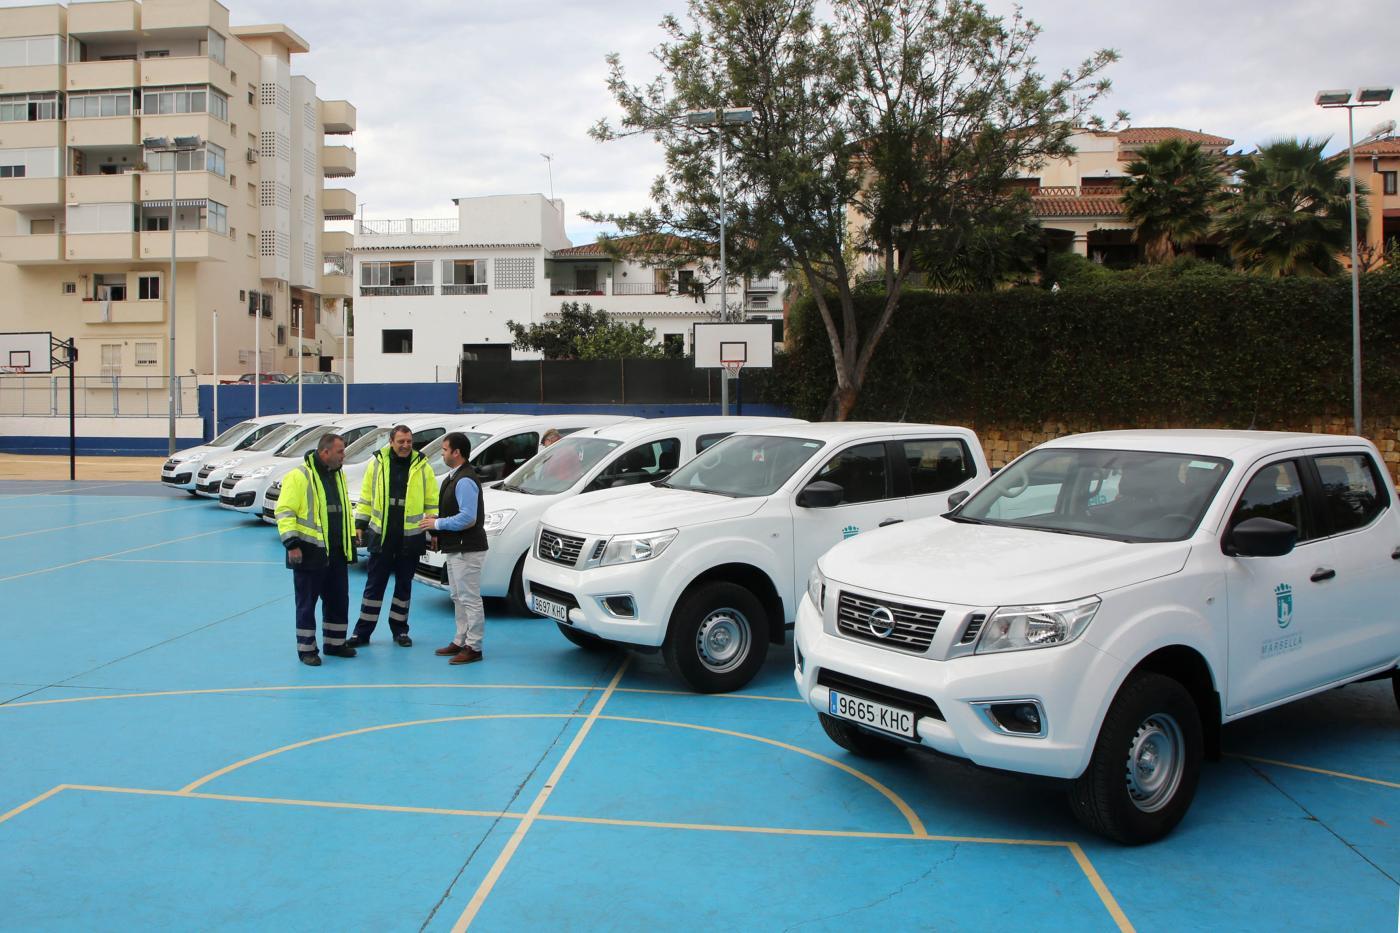 Marbella amplía con ocho nuevos vehículos de limpieza su flota